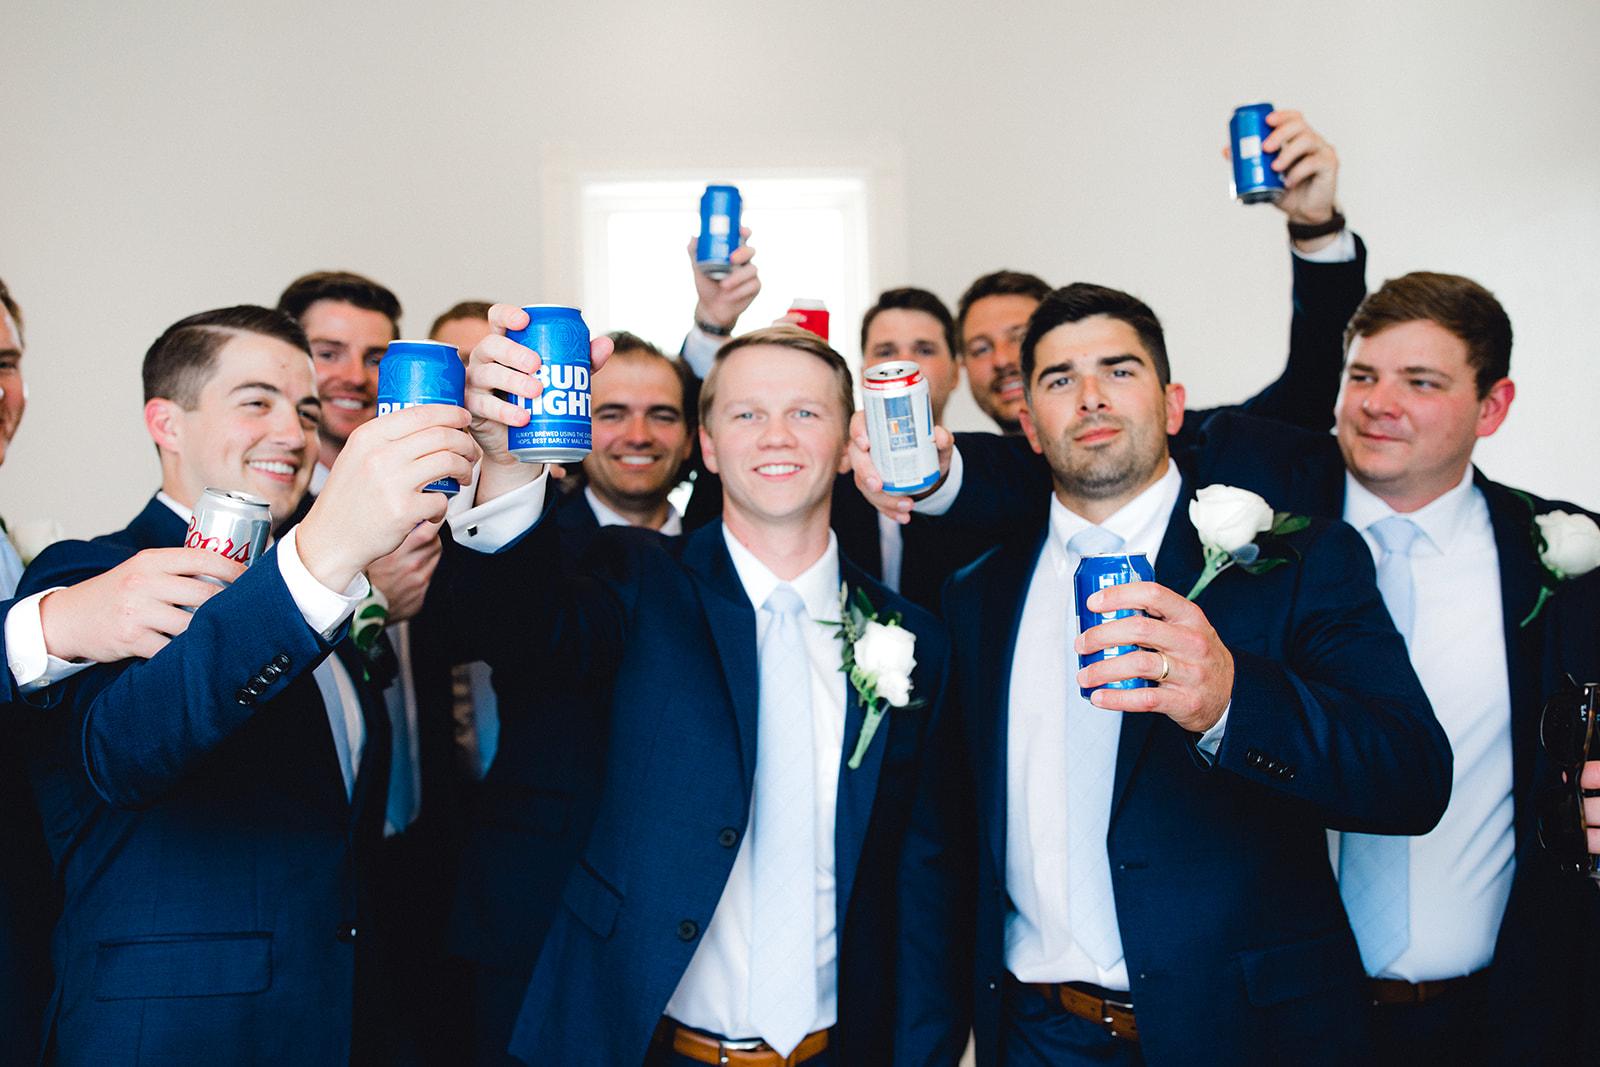 Groom and groomsmen cheers with beer